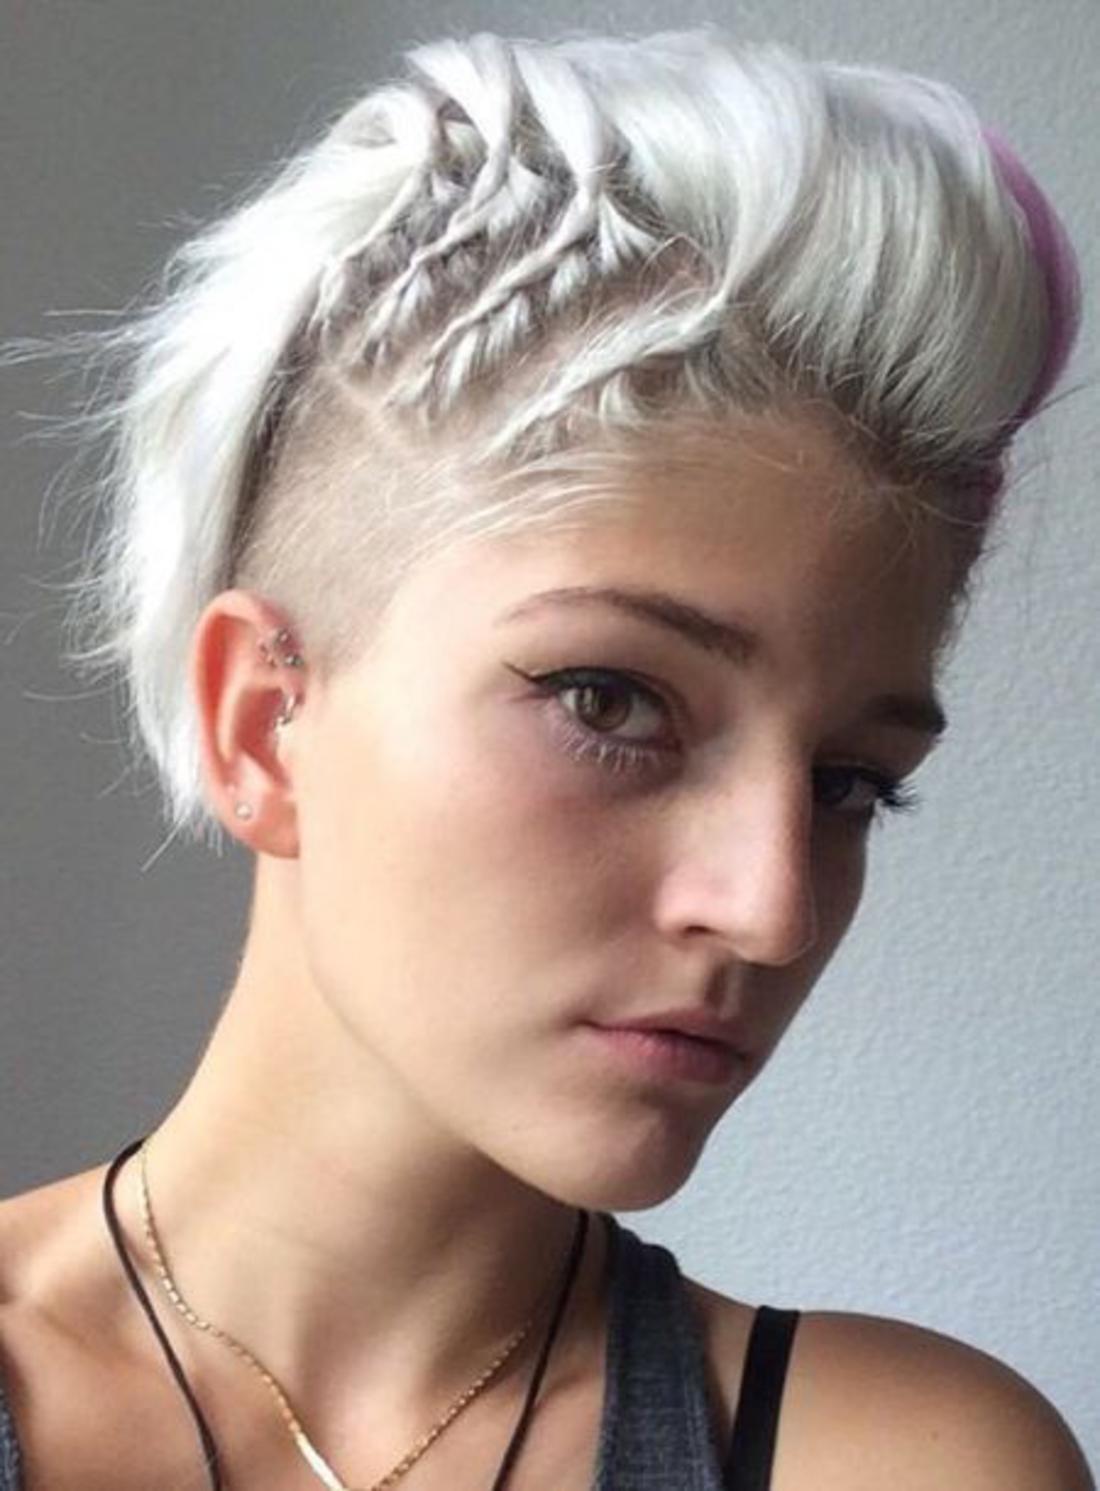 Undercut Frisuren Frauen kurzes Haar - vier geflochtene Akzente, weiße Haare, lila Strähnchen